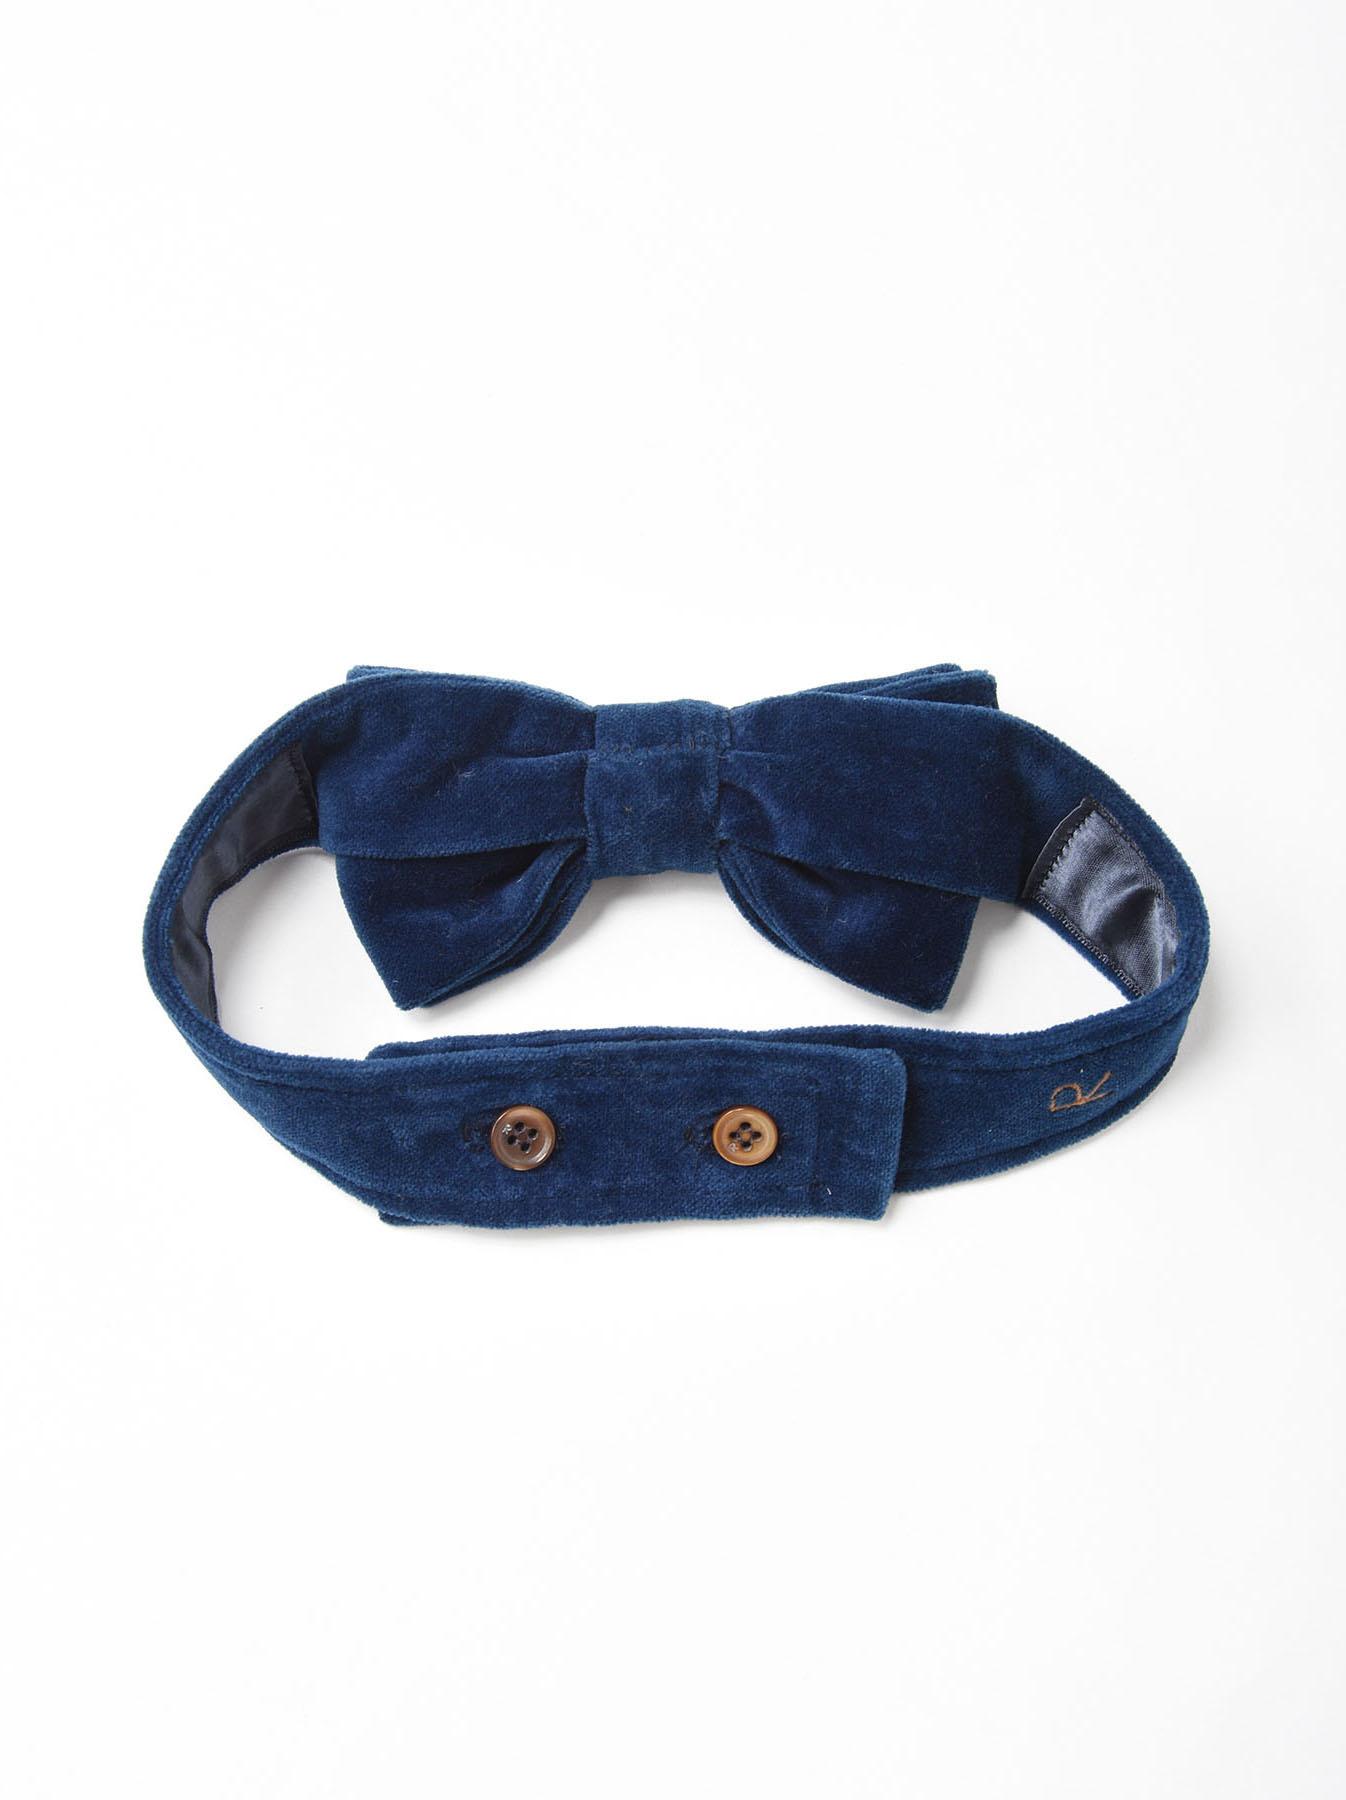 Indigo Velveteen Bow Tie-2